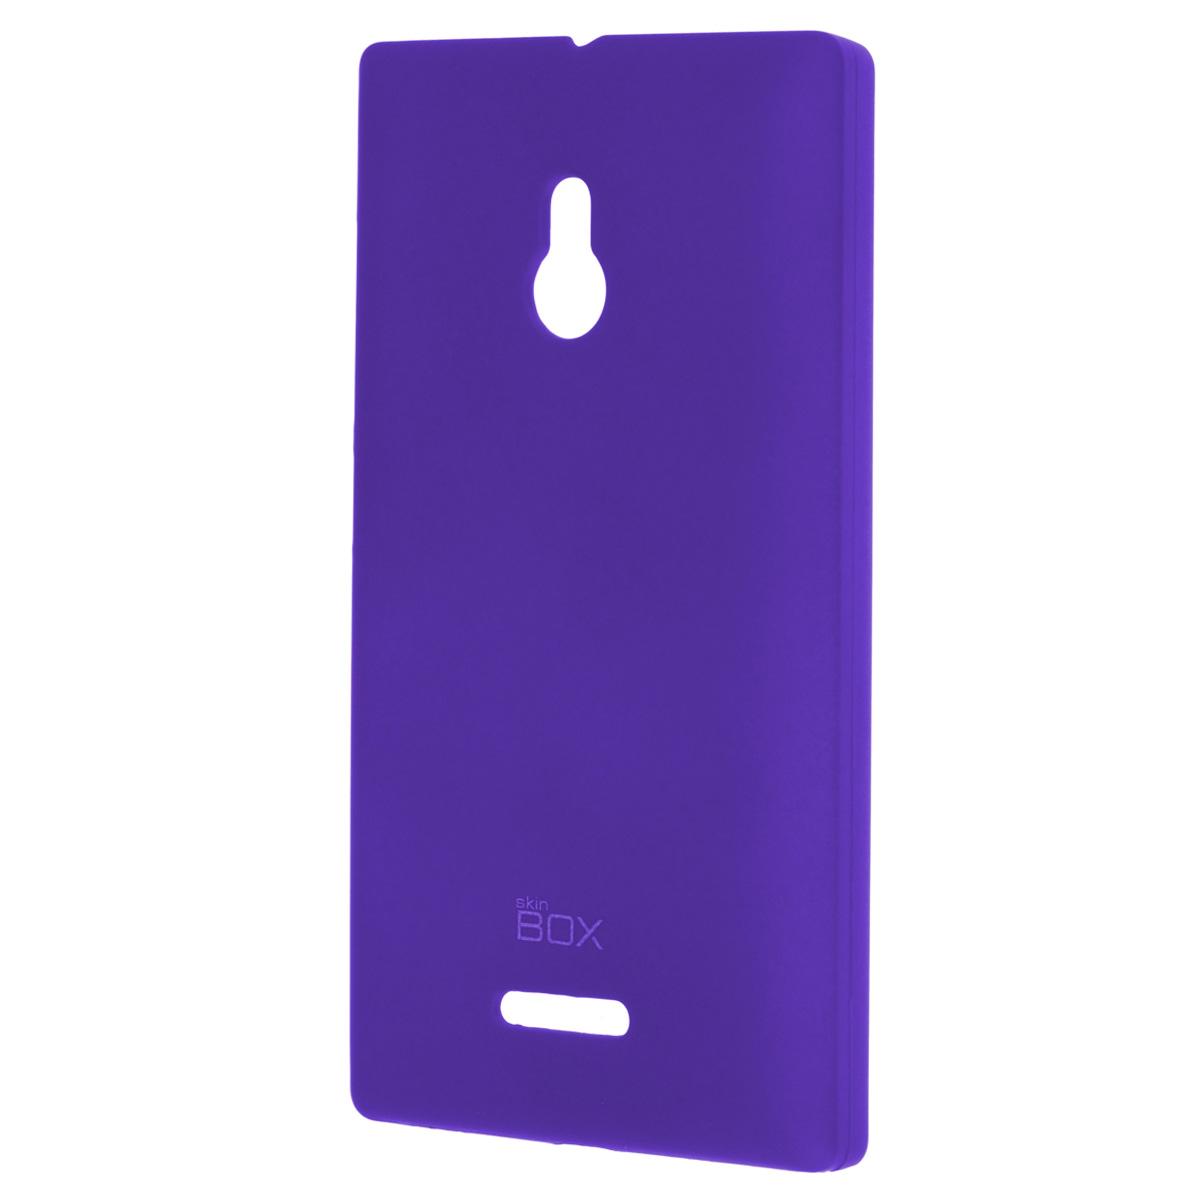 Skinbox Shield 4People чехол для Nokia XL, BlueT-S-NXL-002Чехол Skinbox Shield 4People для Nokia XL предназначен для защиты корпуса смартфона от механических повреждений и царапин в процессе эксплуатации. Имеется свободный доступ ко всем разъемам и кнопкам устройства. В комплект также входит защитная пленка на экран телефона.